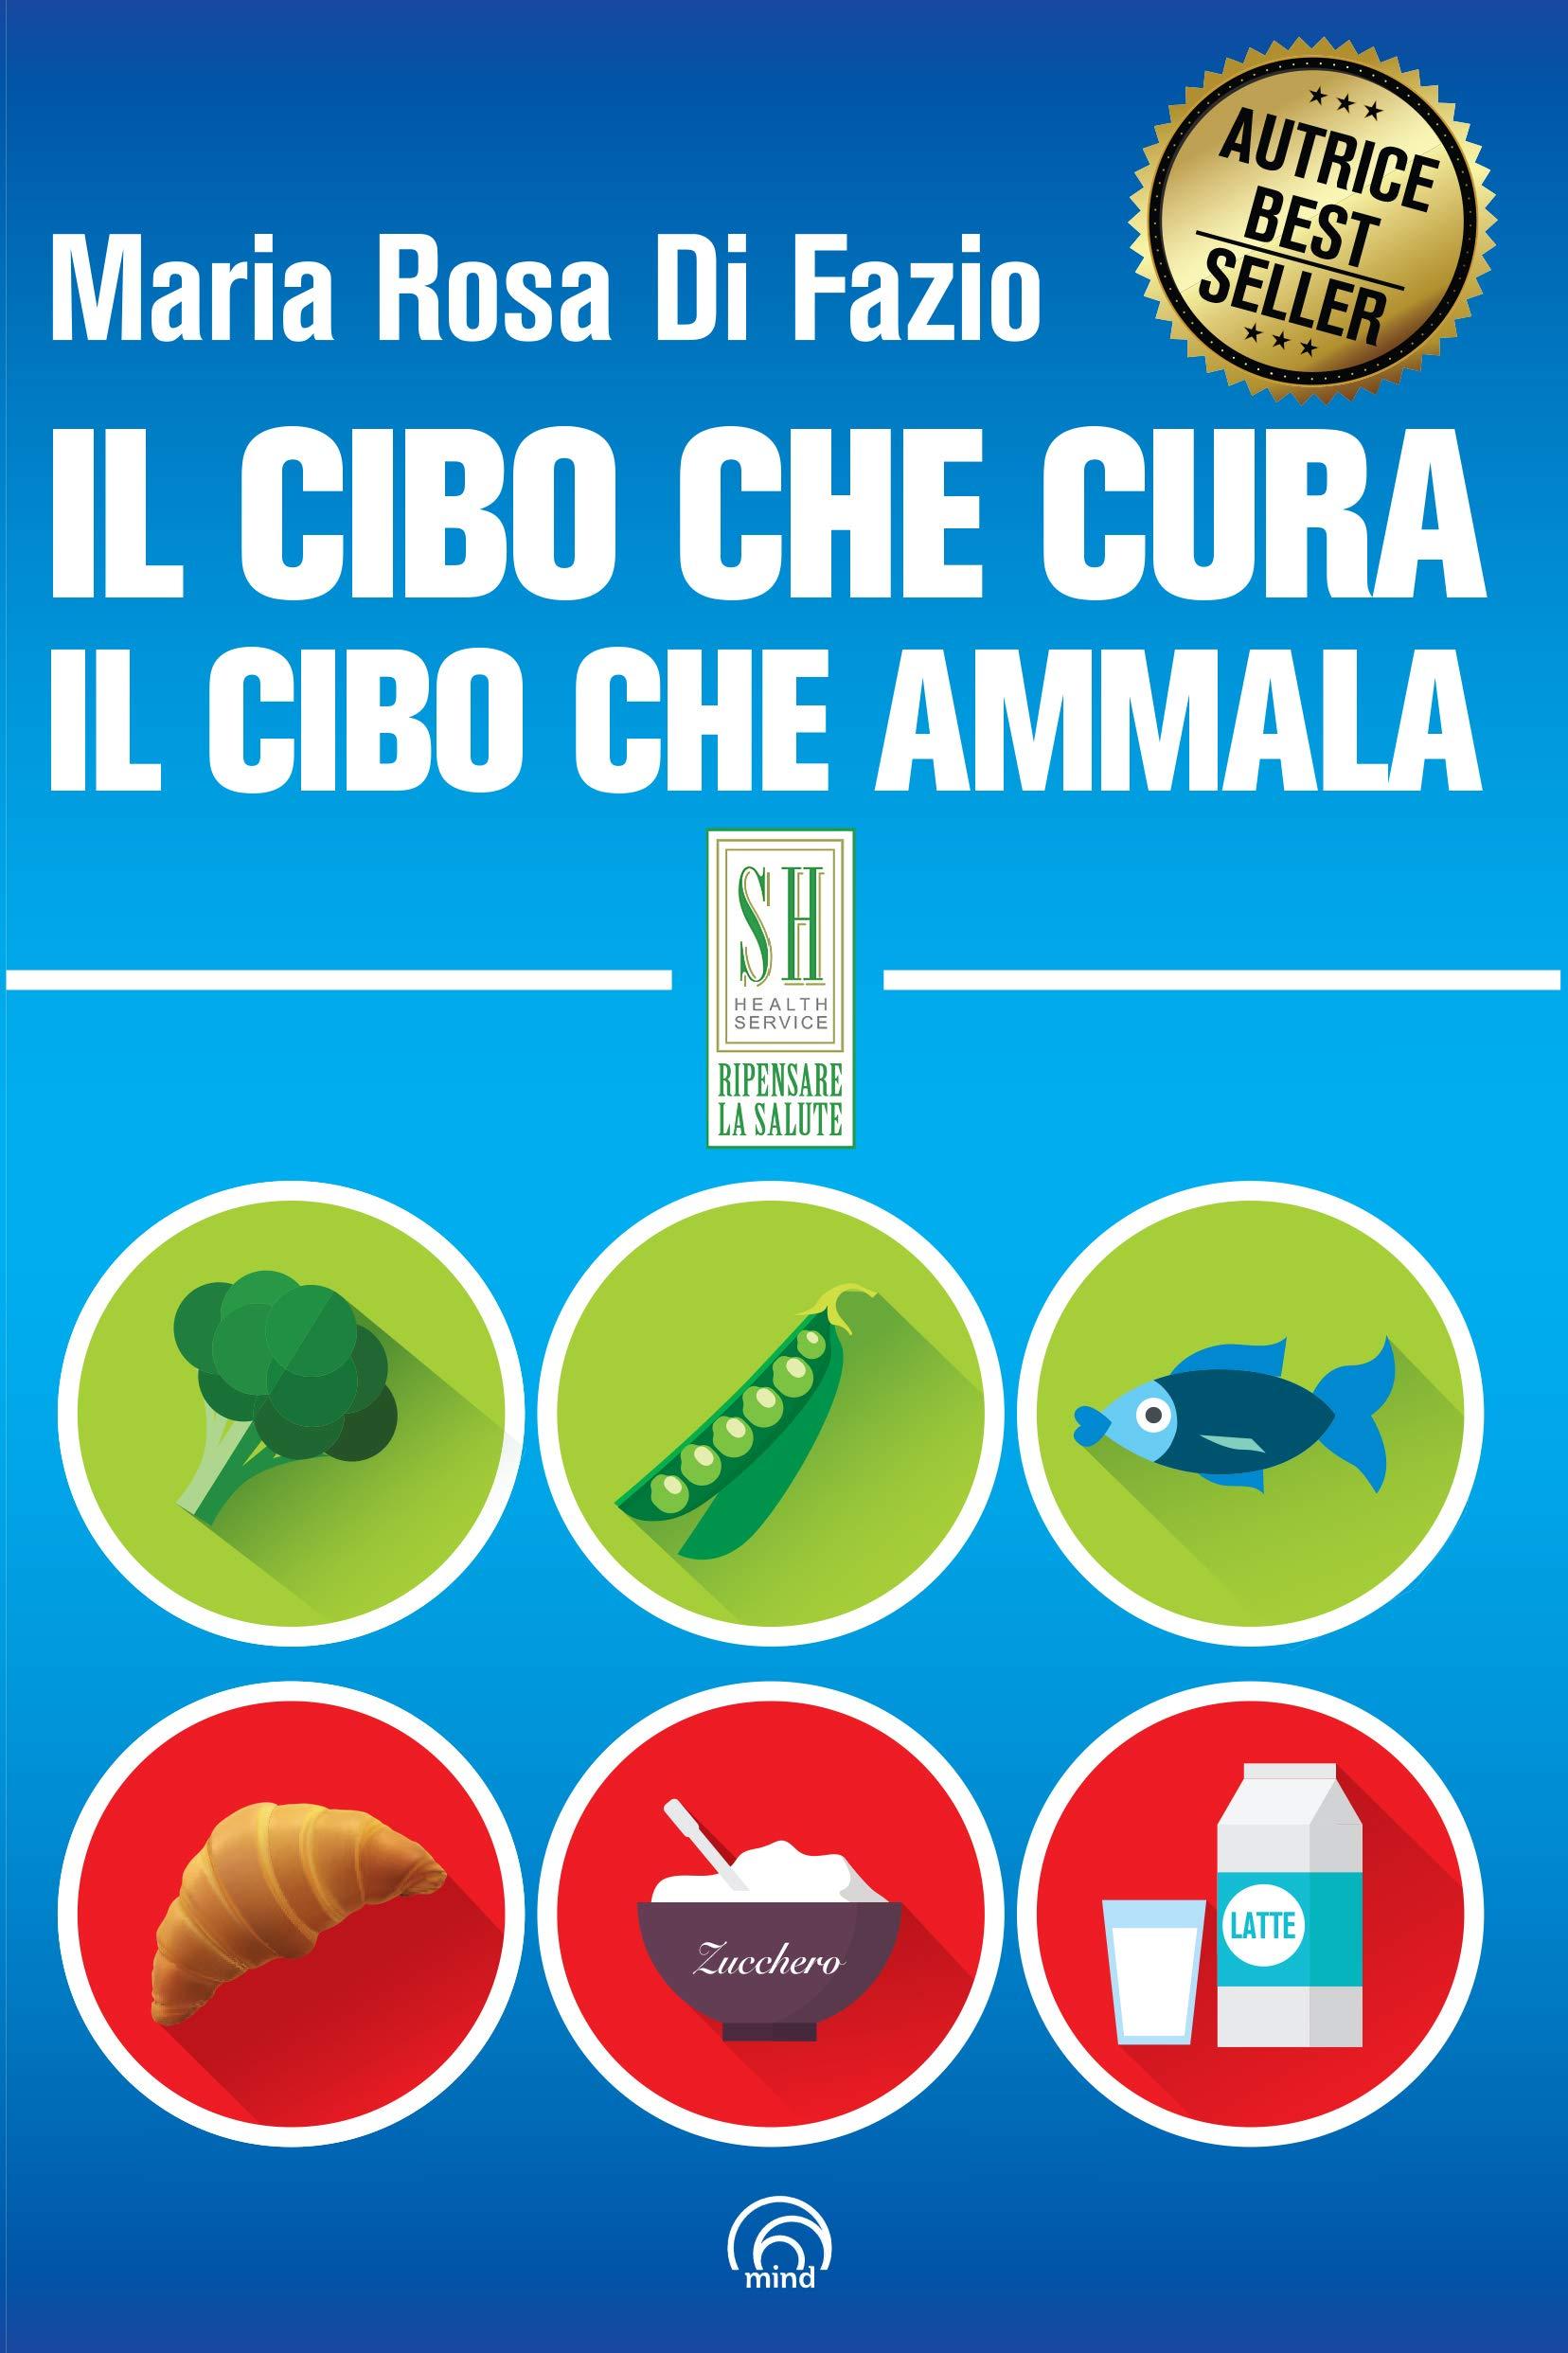 Il Cibo Che Cura. Il Cibo Che Ammala  SH Health Service   Ripensare La Salute   Italian Edition